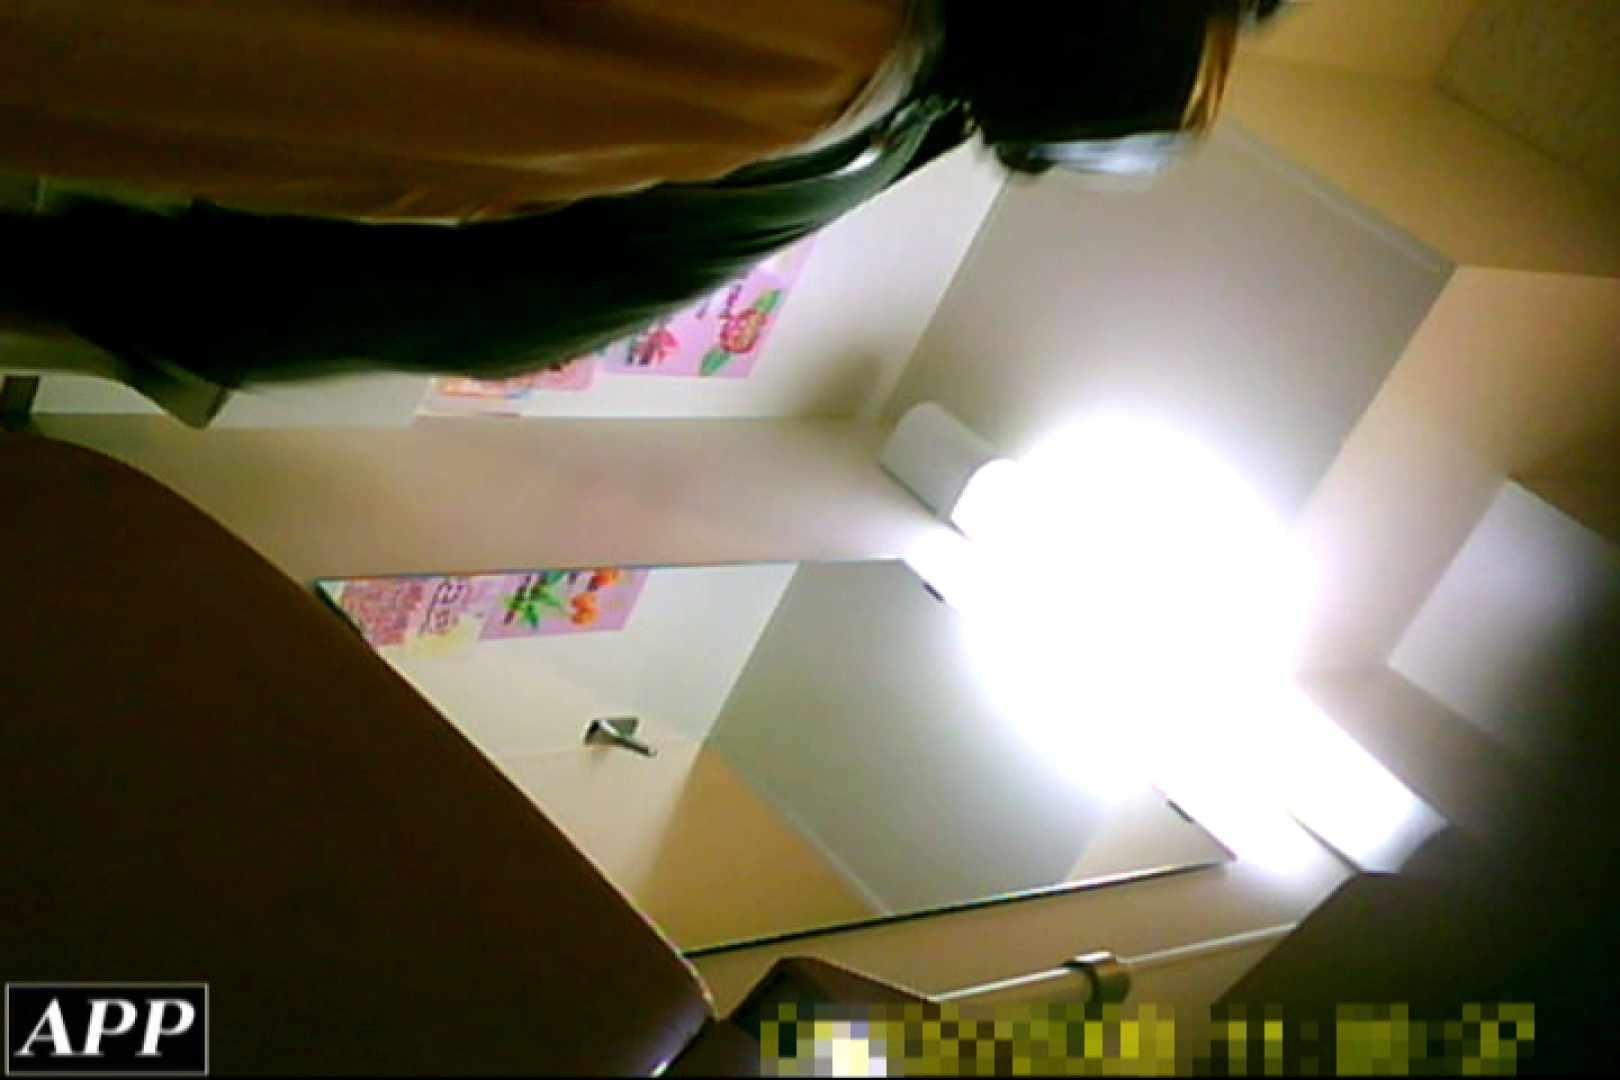 3視点洗面所 vol.118 オマンコ見放題 SEX無修正画像 94枚 76